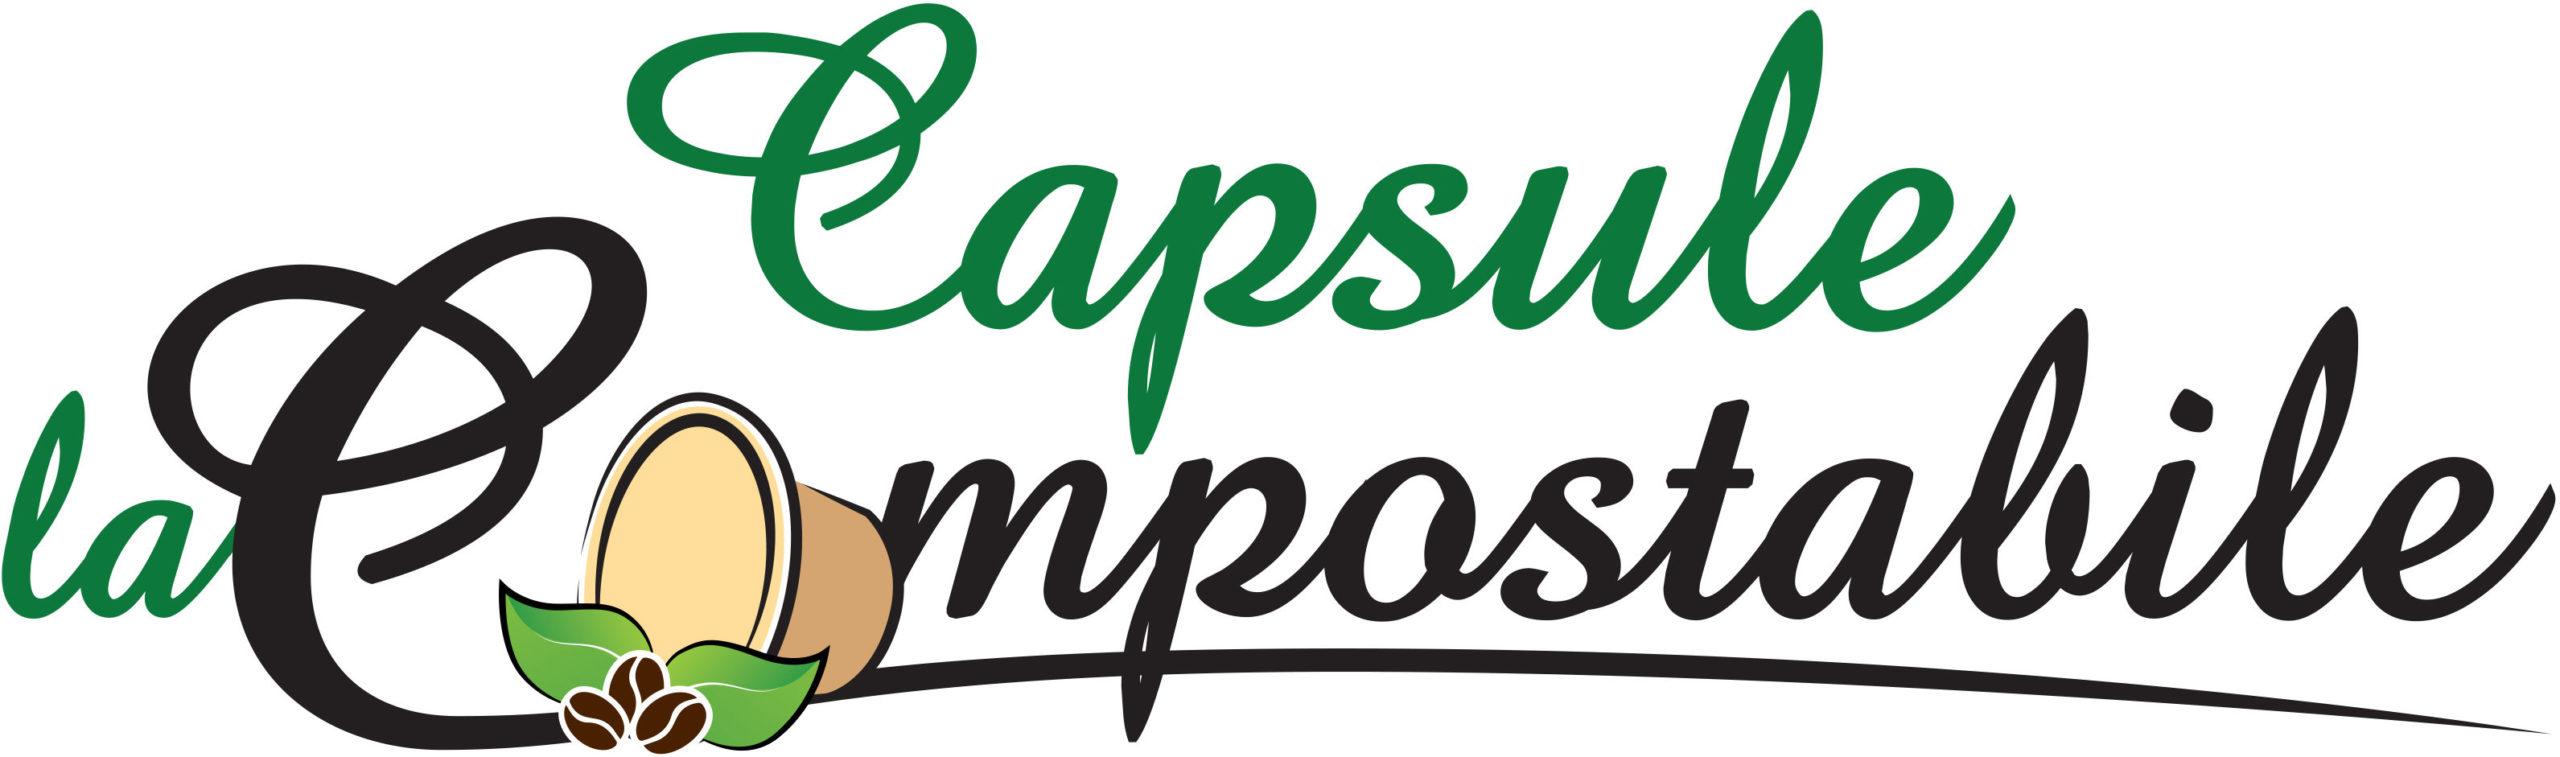 Capsule la compostabile